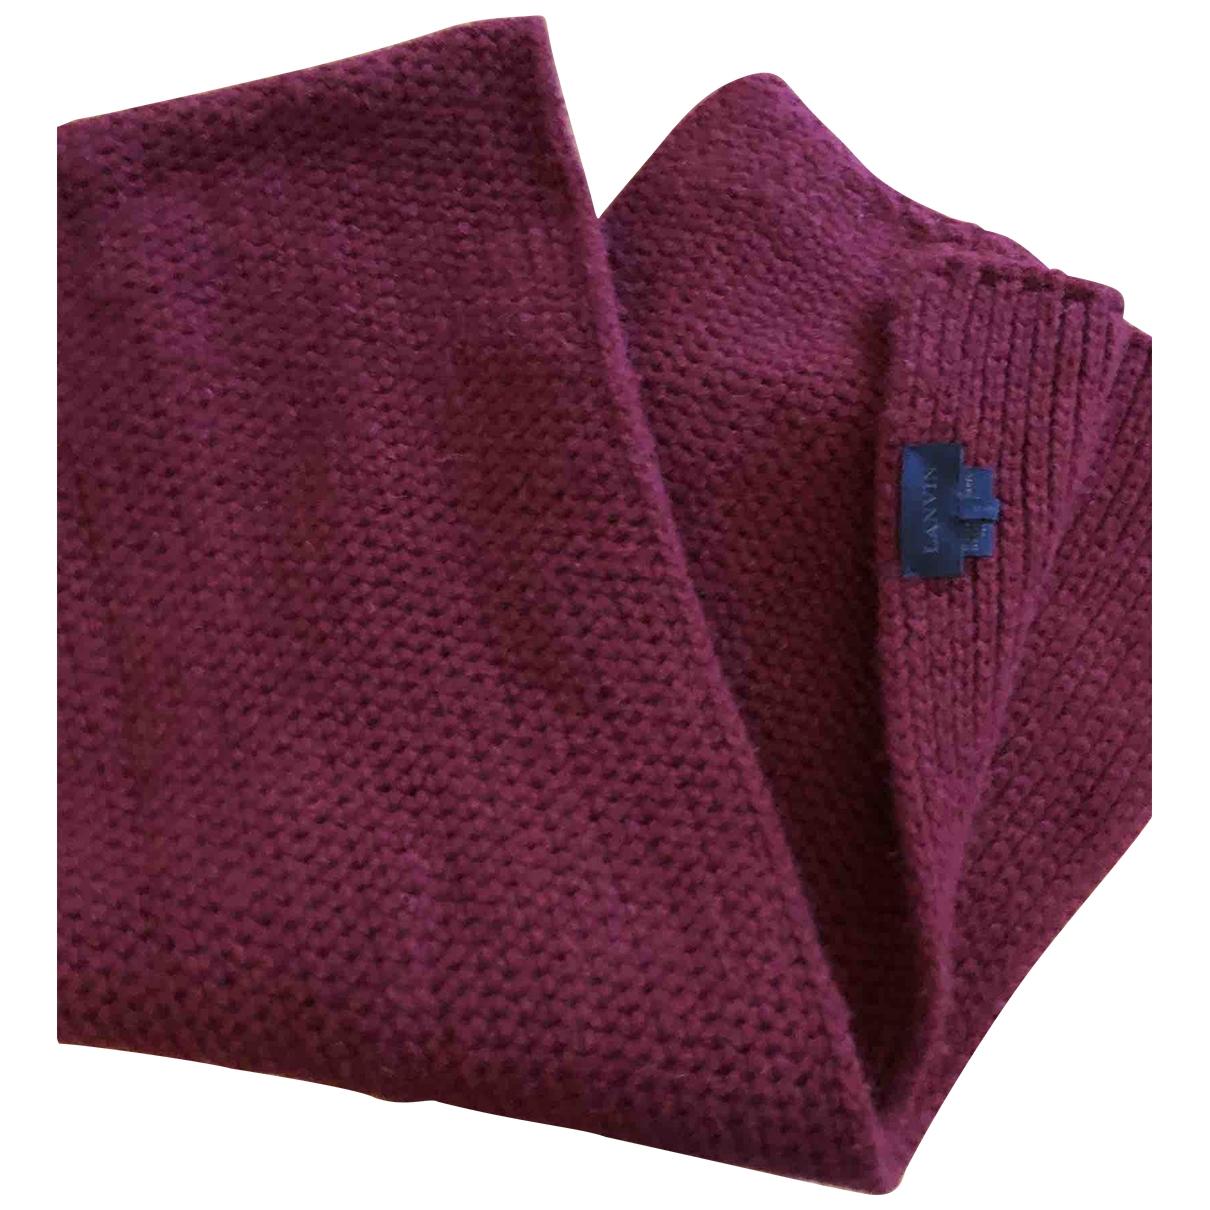 Lanvin - Cheches.Echarpes   pour homme en laine - bordeaux